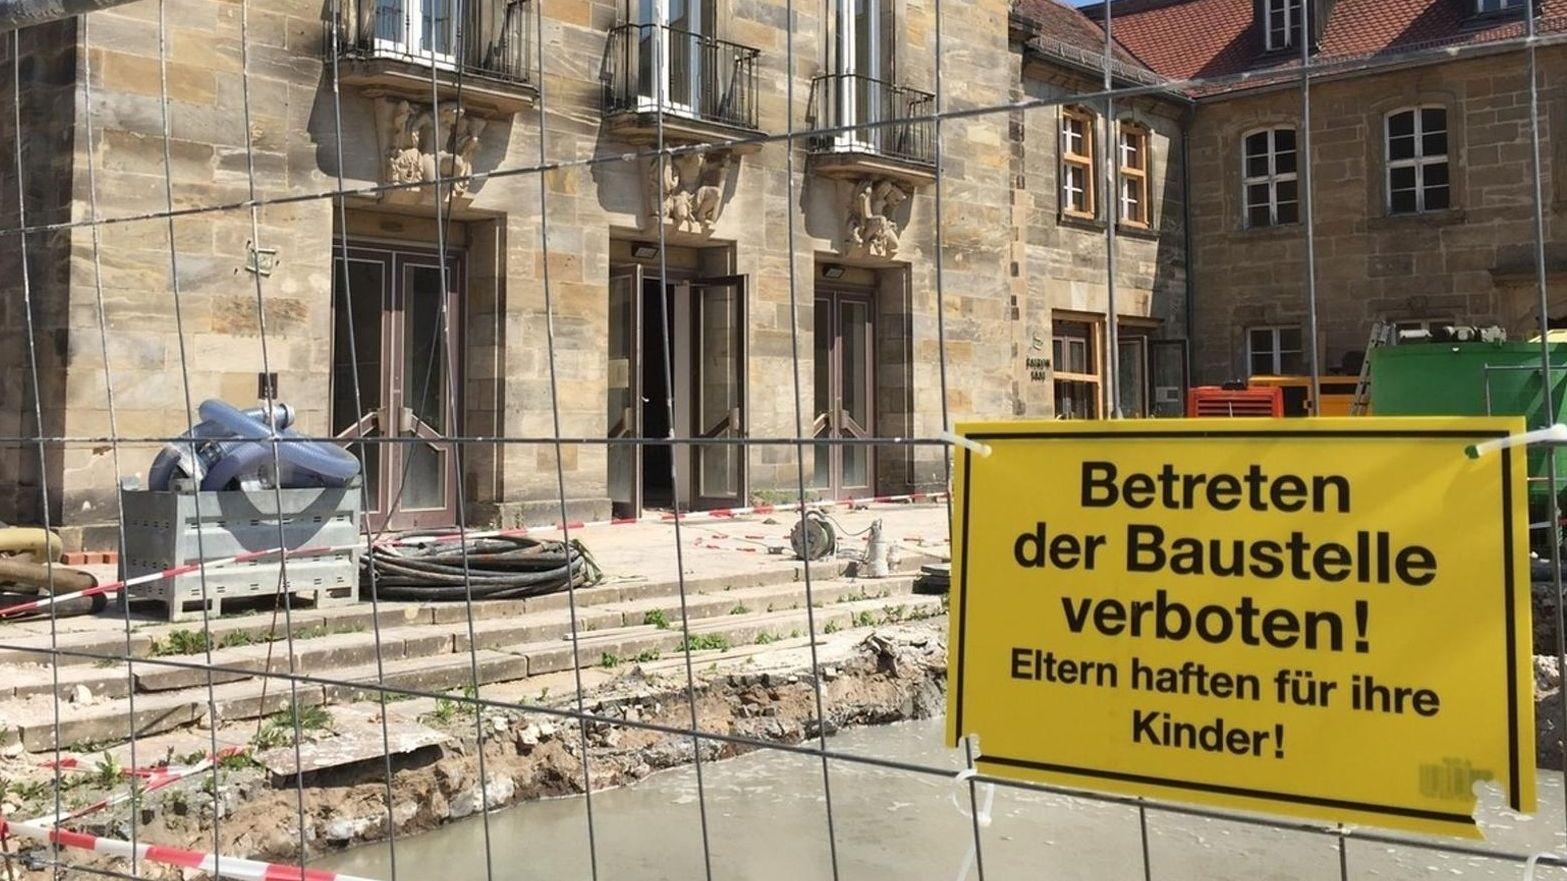 """Die ehemalige Stadthalle Bayreuth, davor ein Bauzaun mit einem gelben Schild, auf dem """"Betreten der Baustelle verboten"""" steht."""